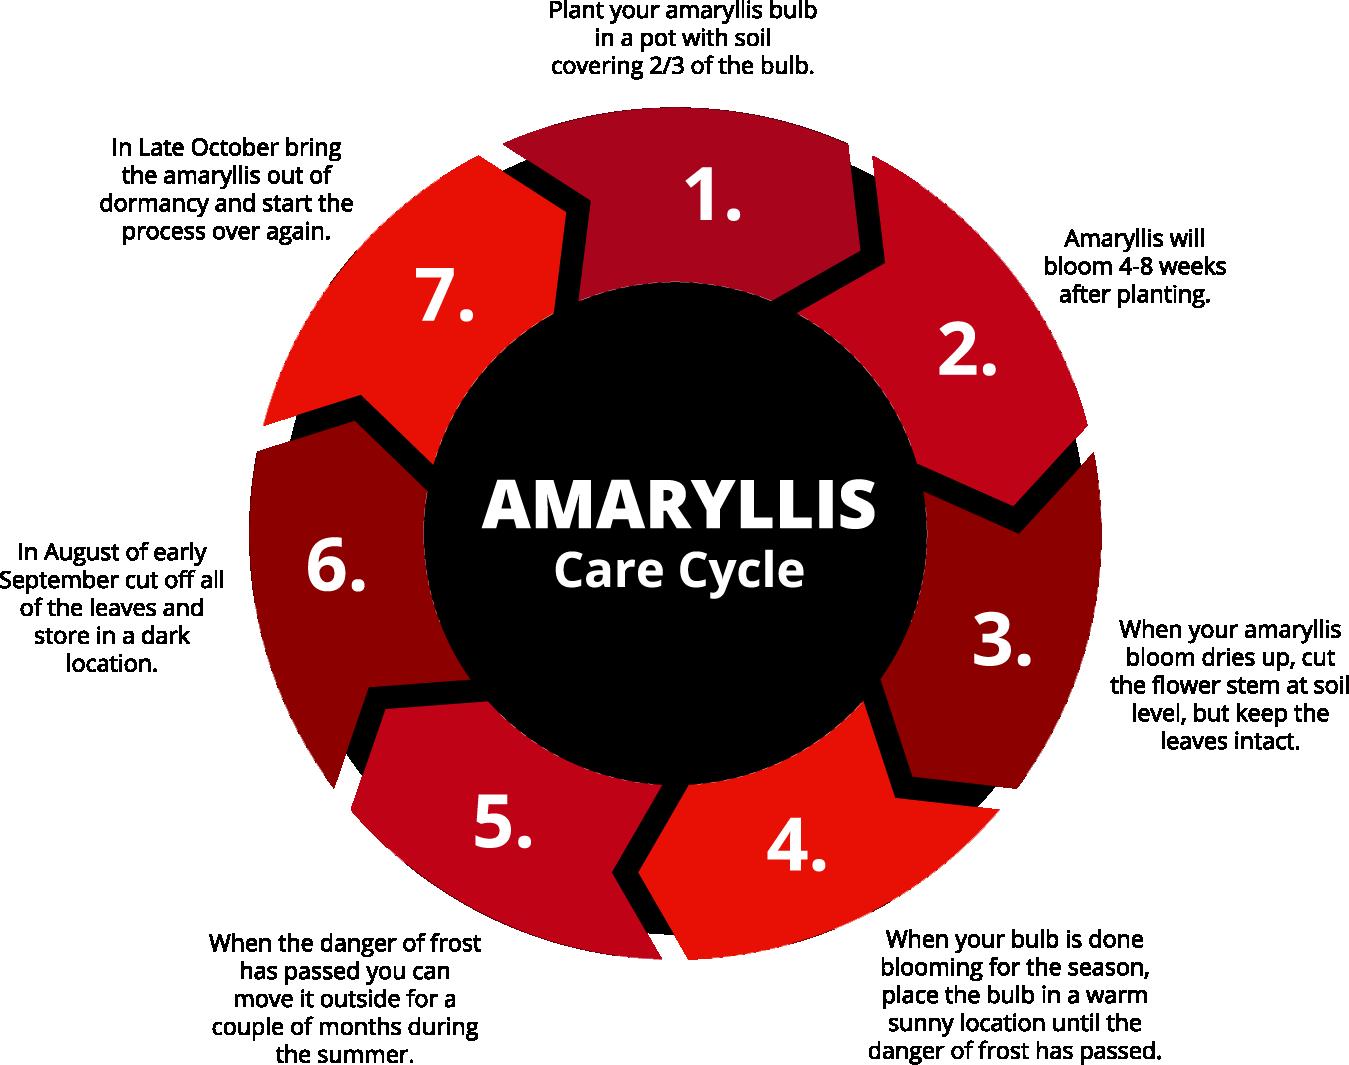 Amaryllis Care Cycle